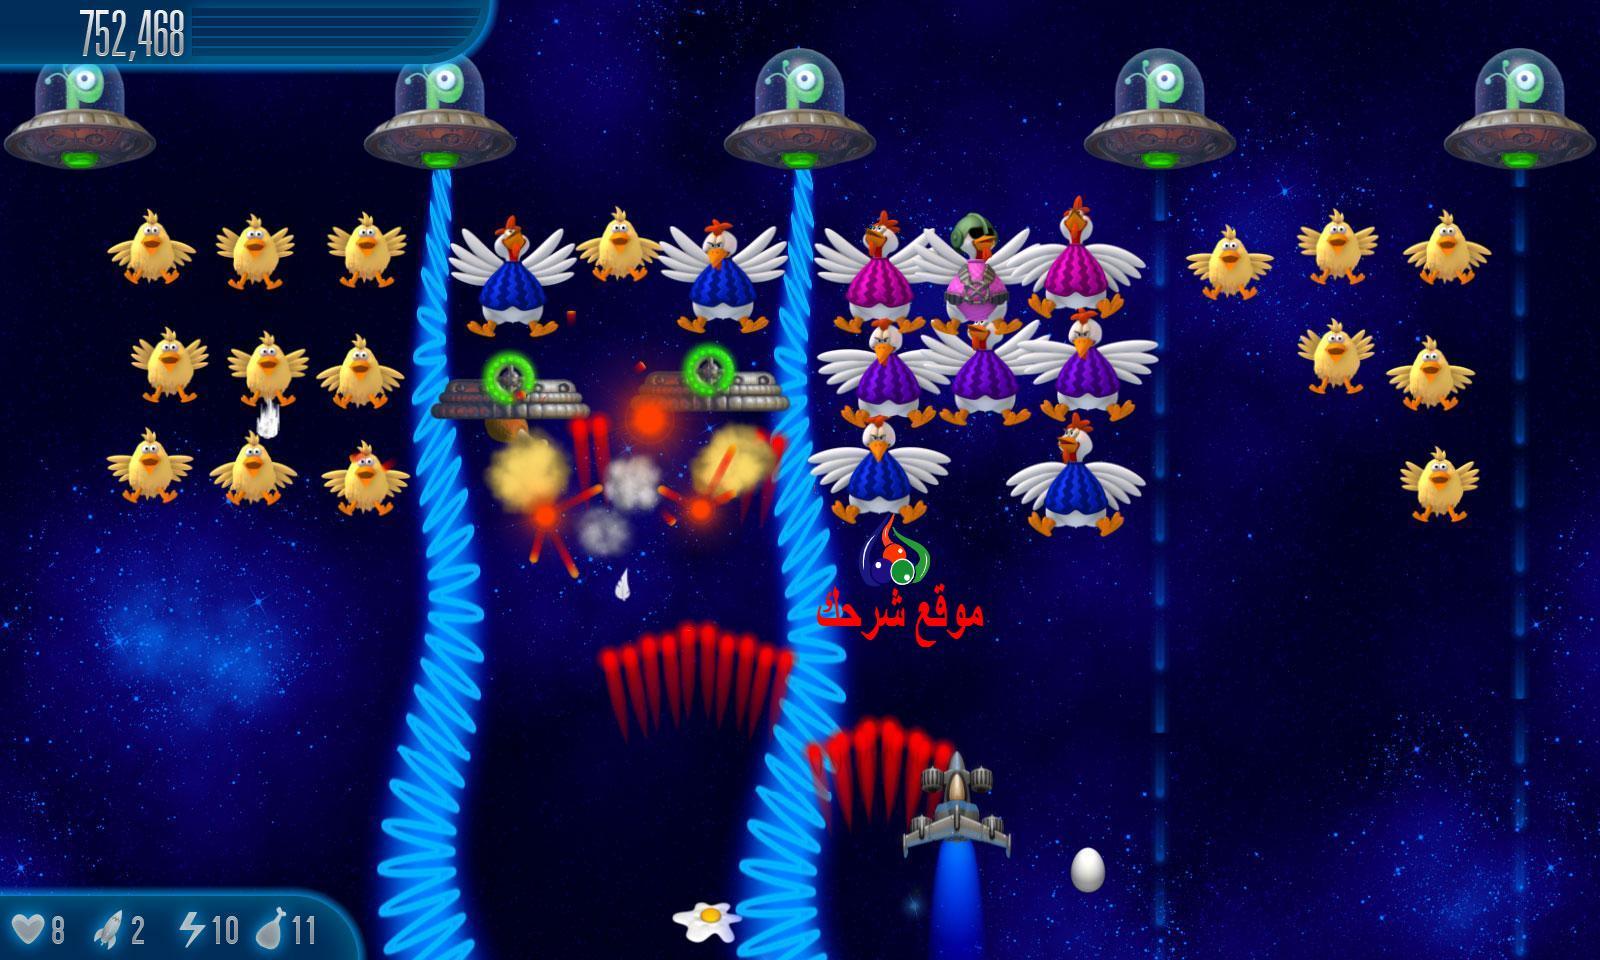 تحميل لعبة الفراخ 5 Chicken invaders 5